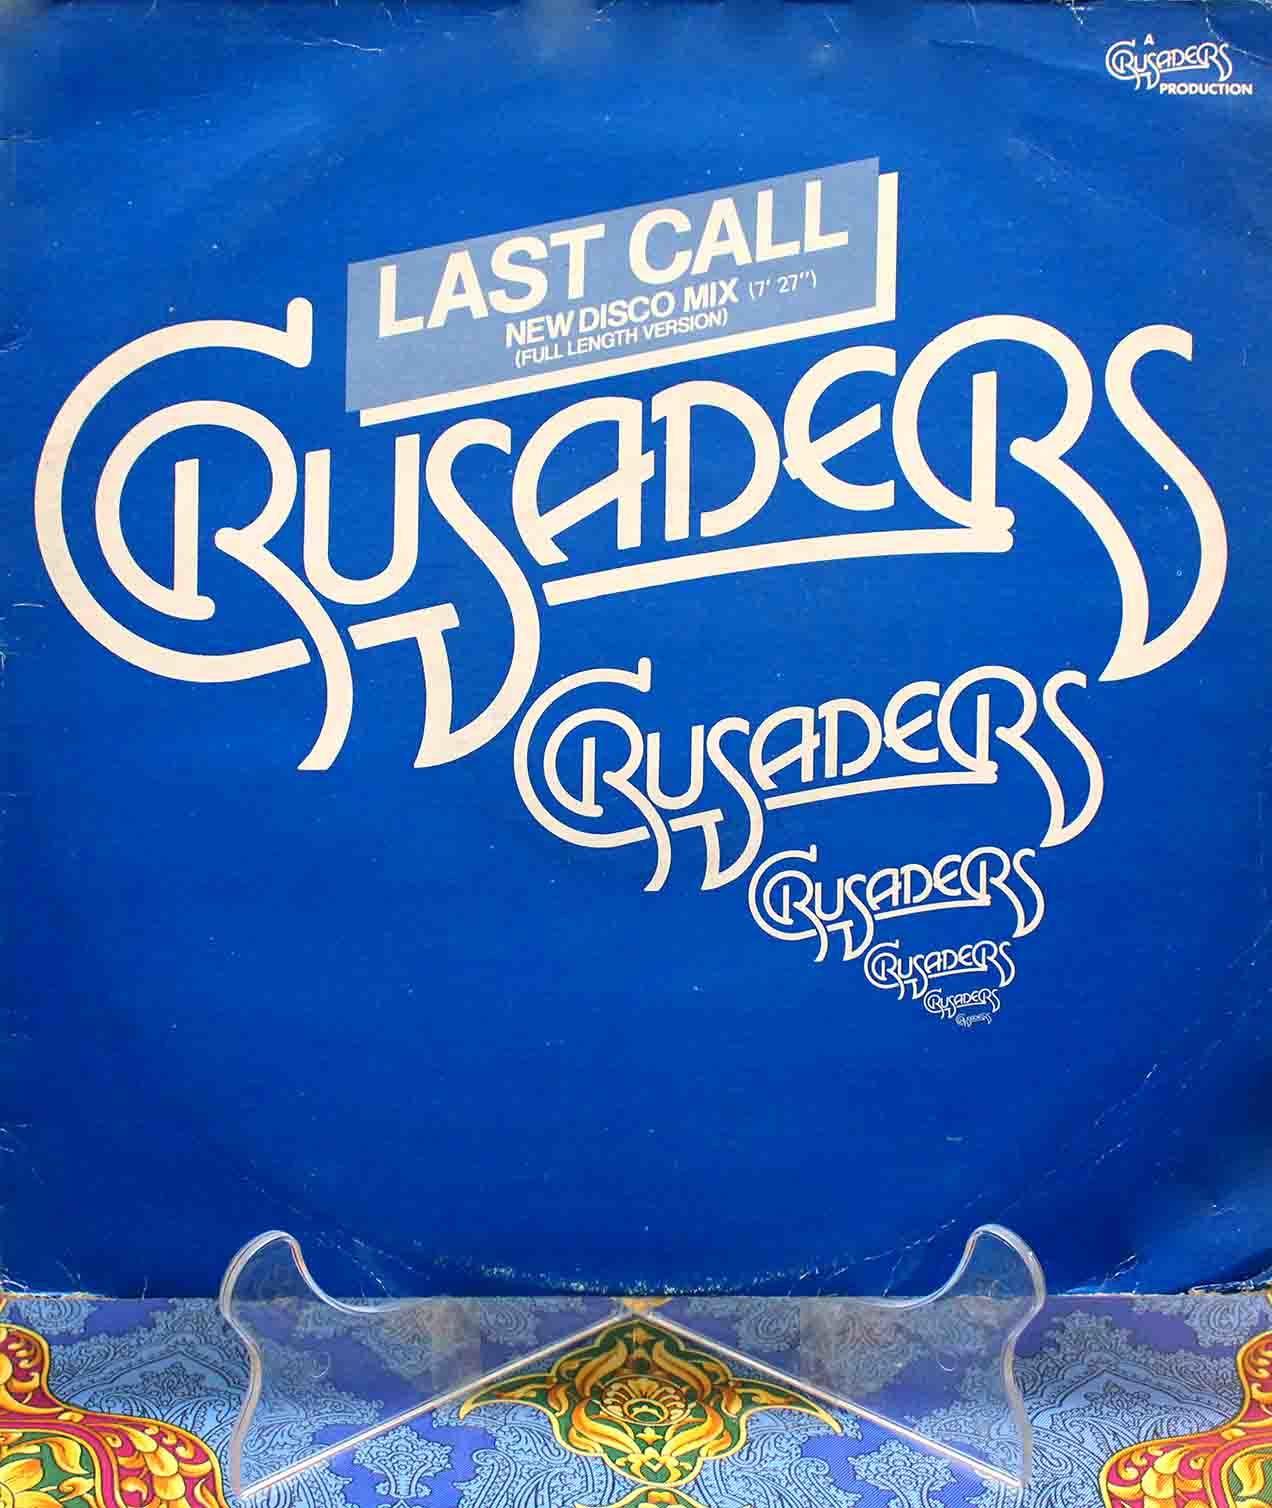 Crusaders Last Call 01